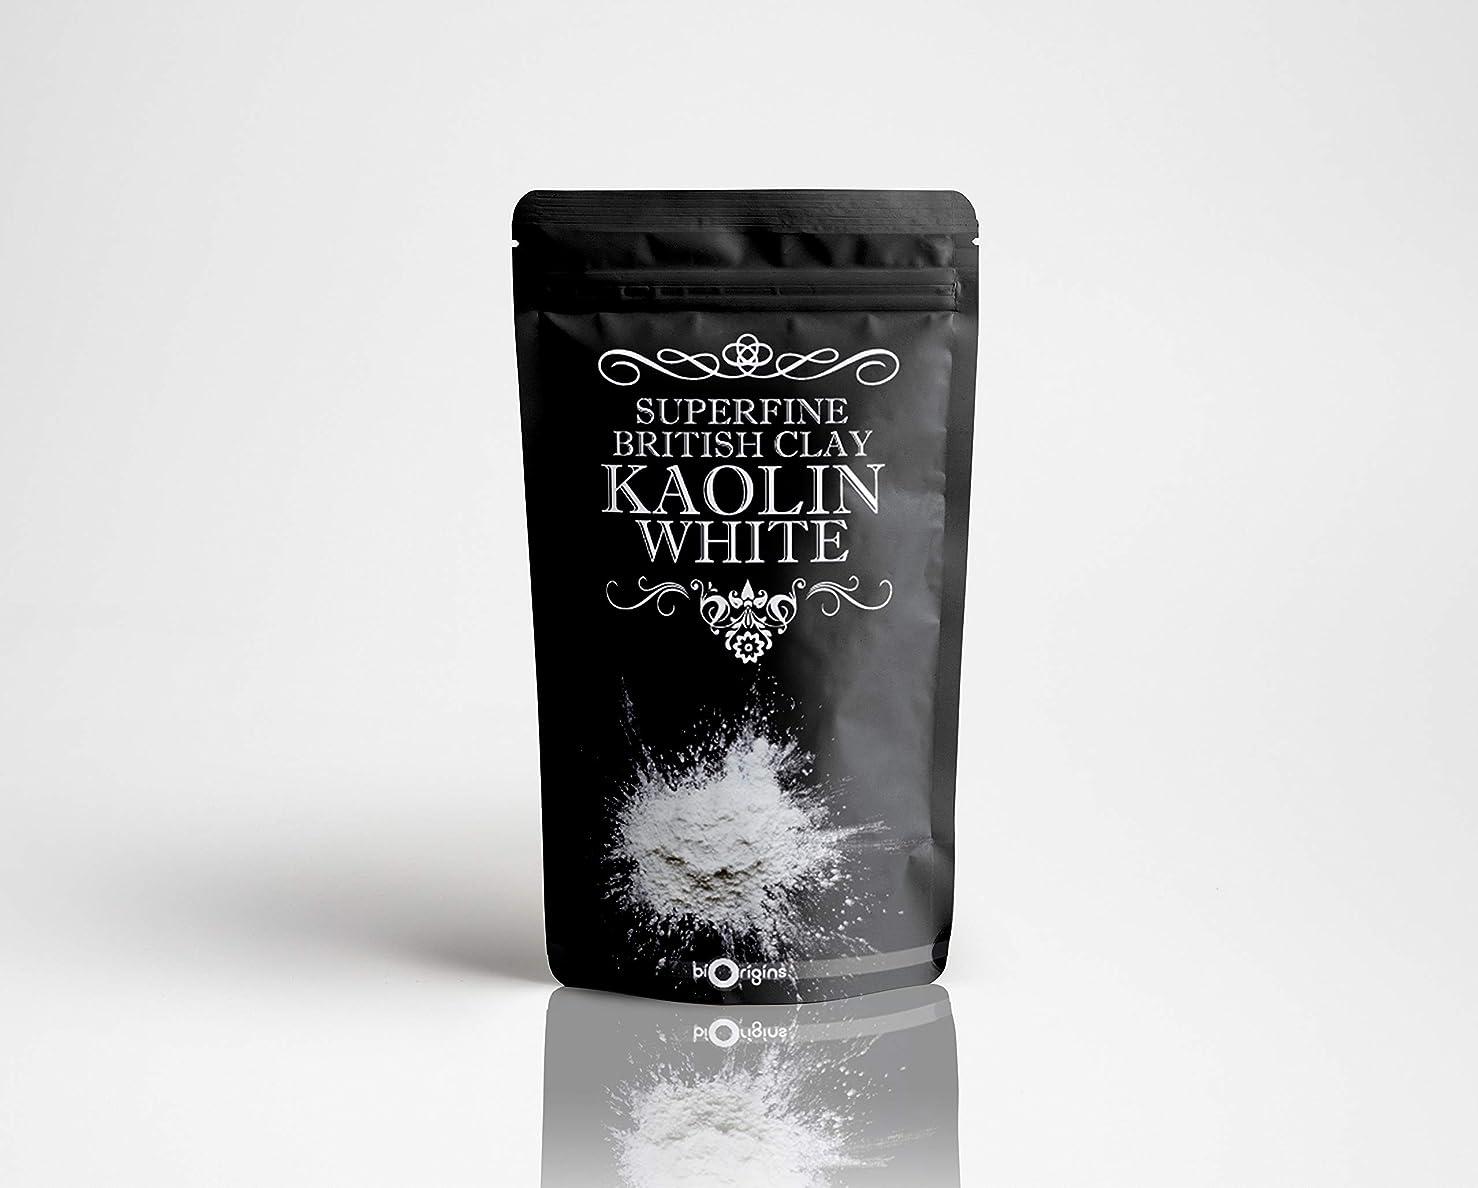 わかる床を掃除する盟主Kaolin White Superfine British Clay - 100g